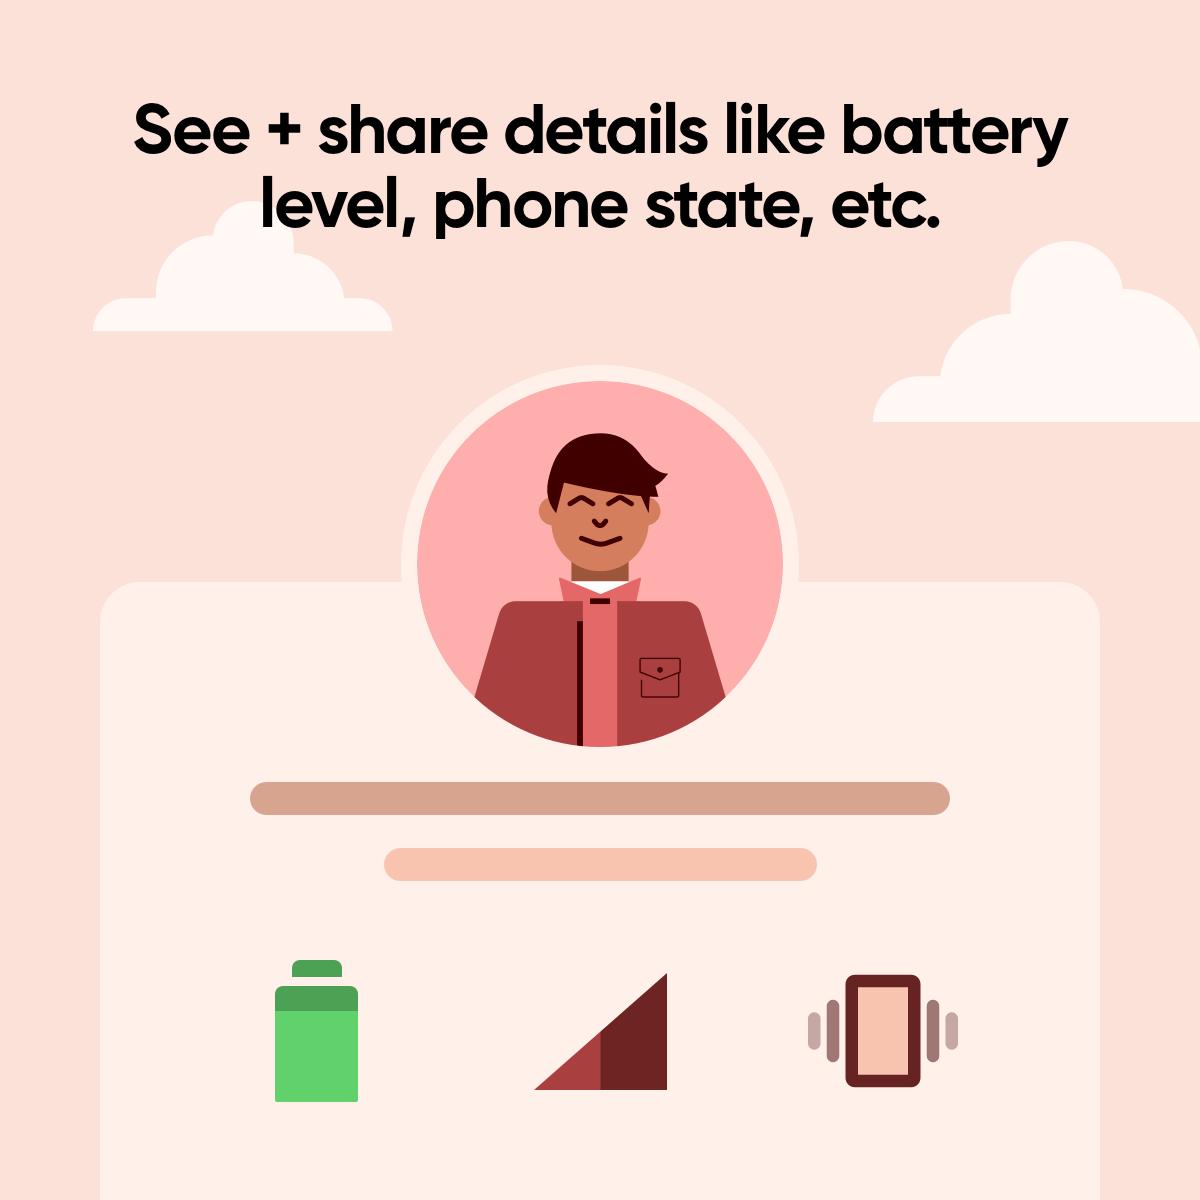 Aplikacja pozwoli również na podzielenie się informacjami o stanie naszego smartfona (źródło: Truecaller)